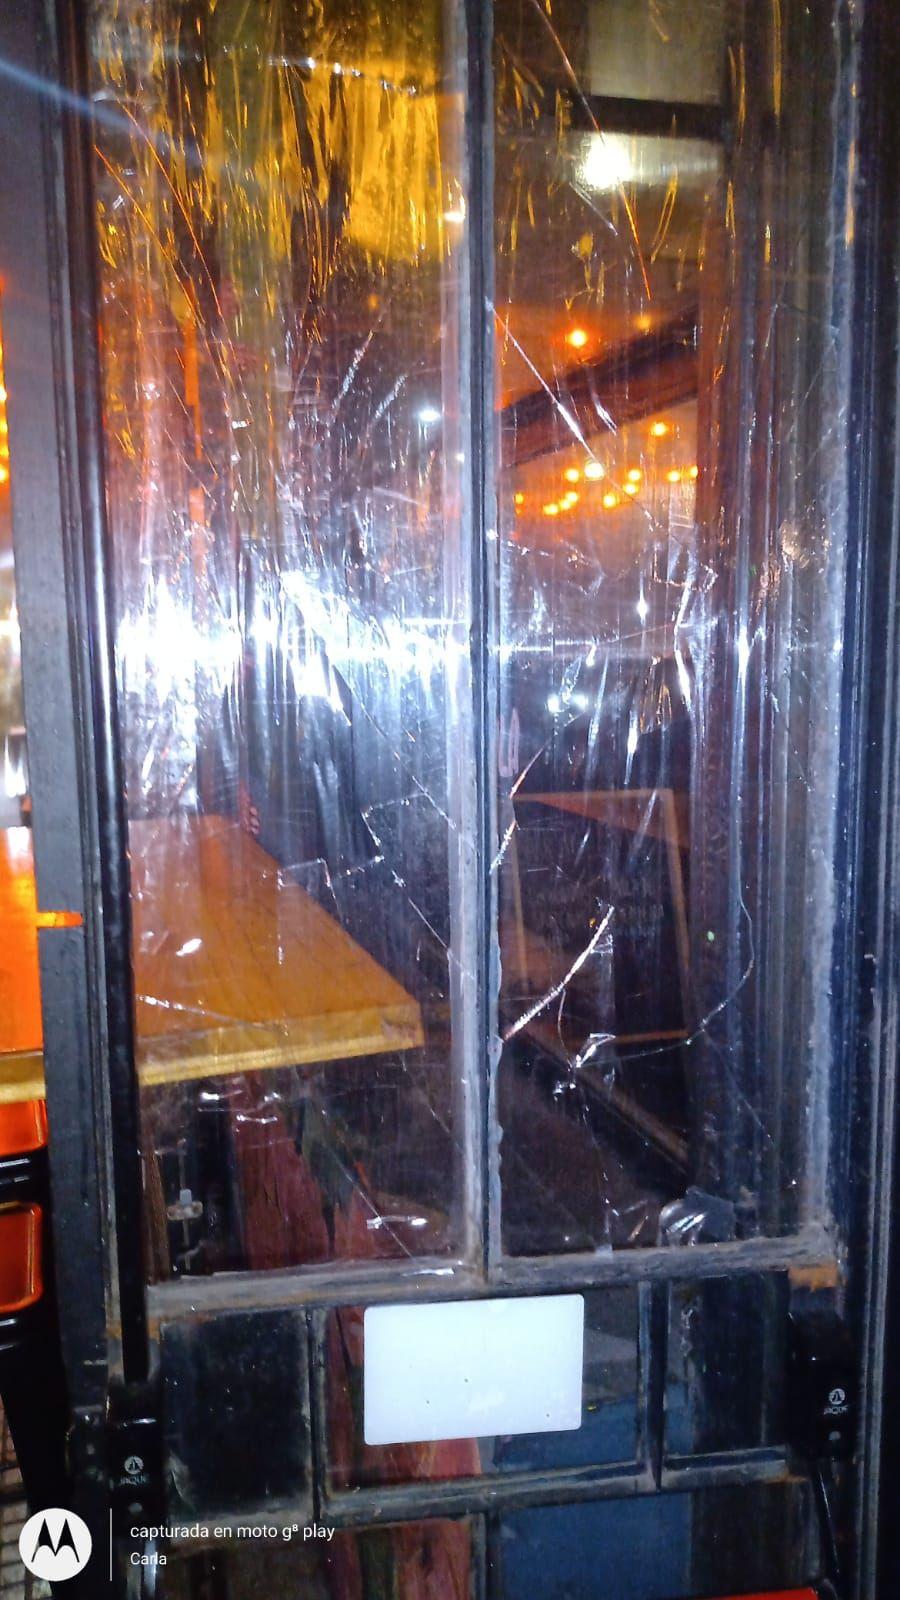 Los disturbios fueron en un bar ubicado cerca de Plaza Moreno